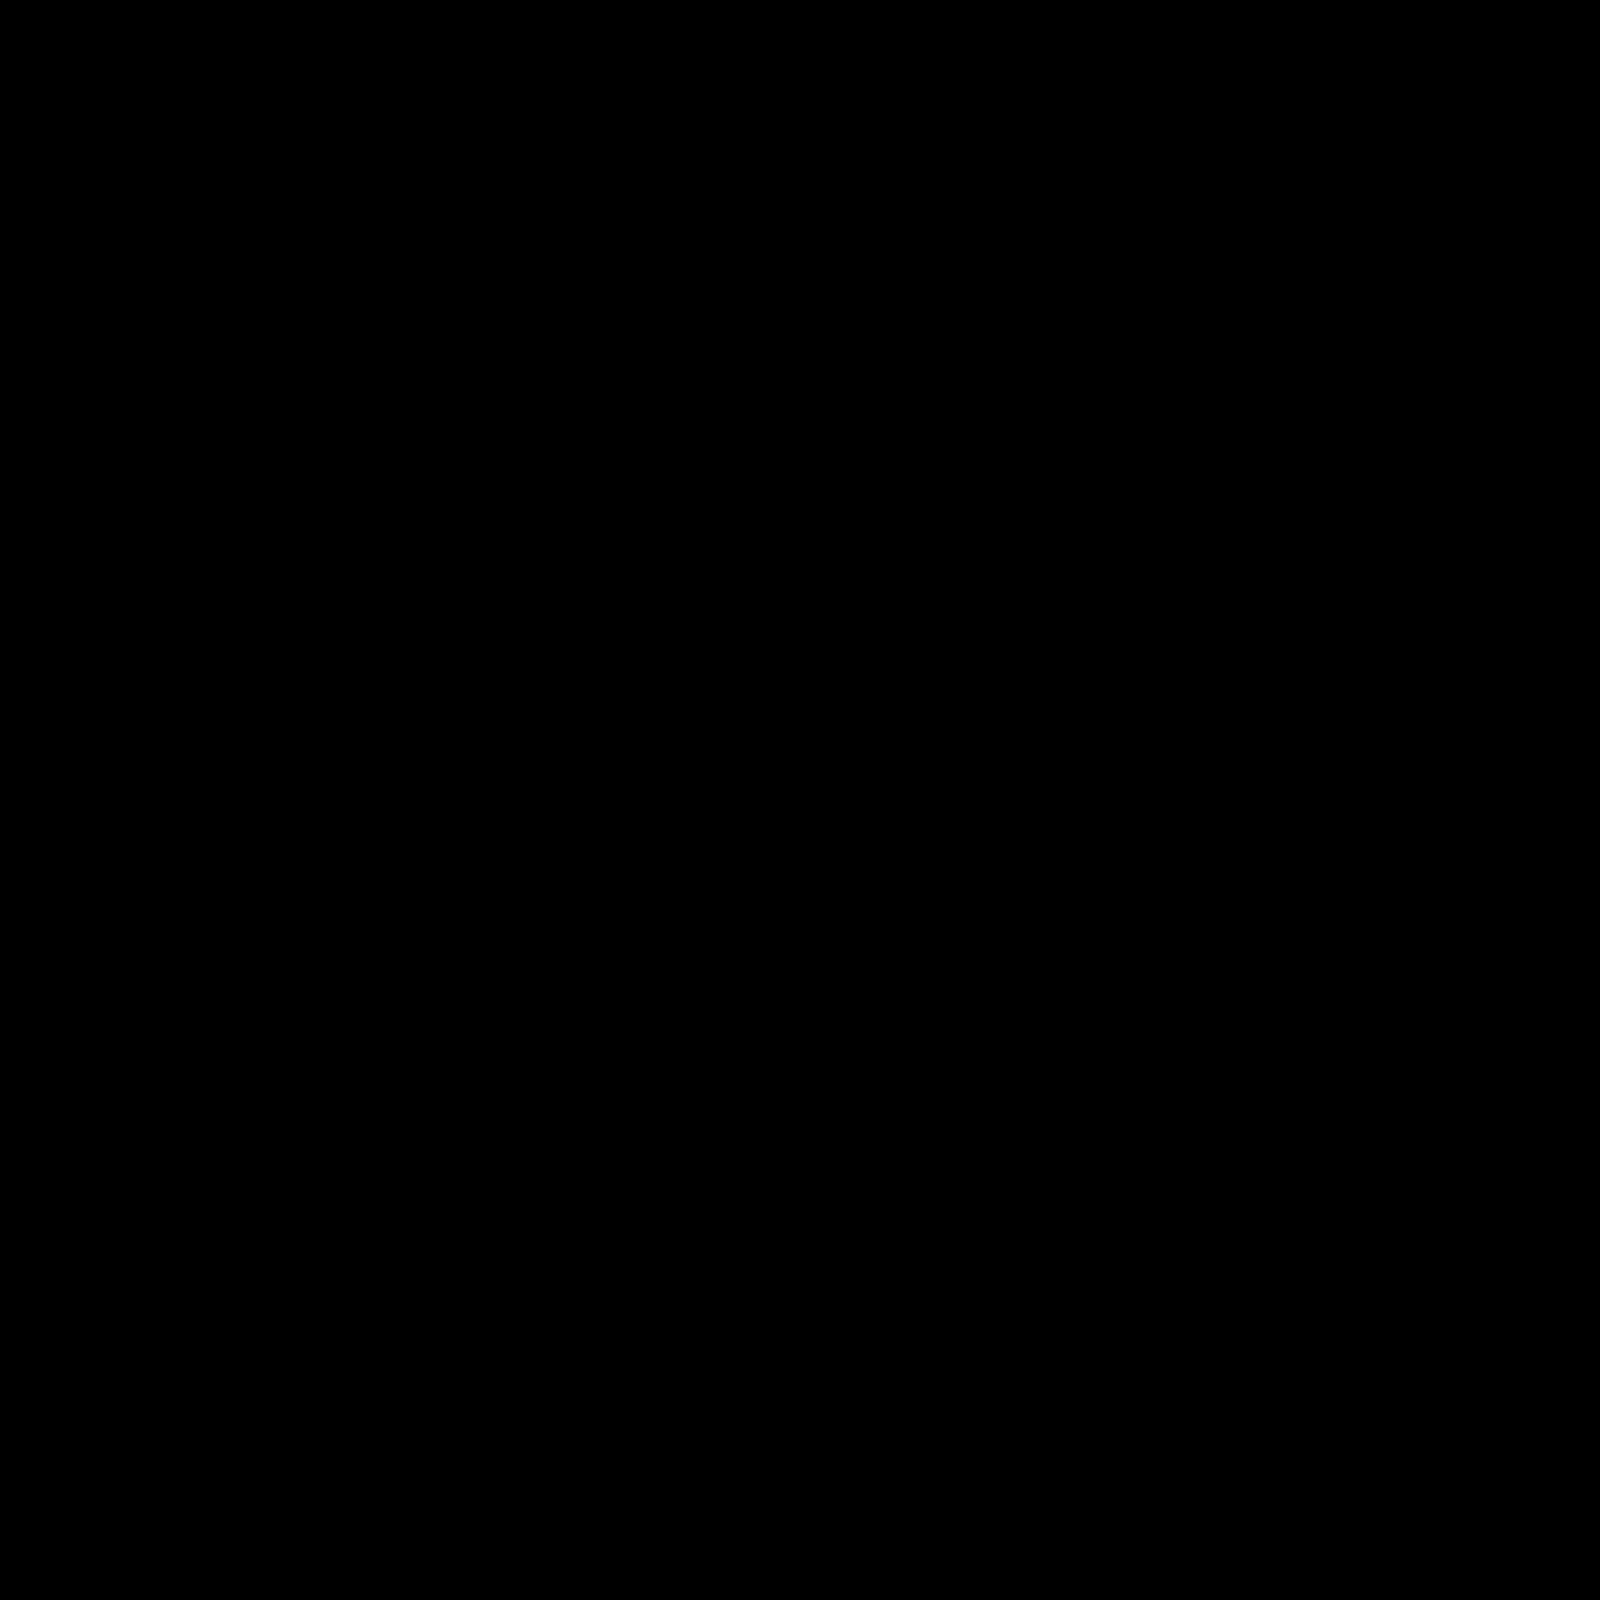 DeviantART Filled icon